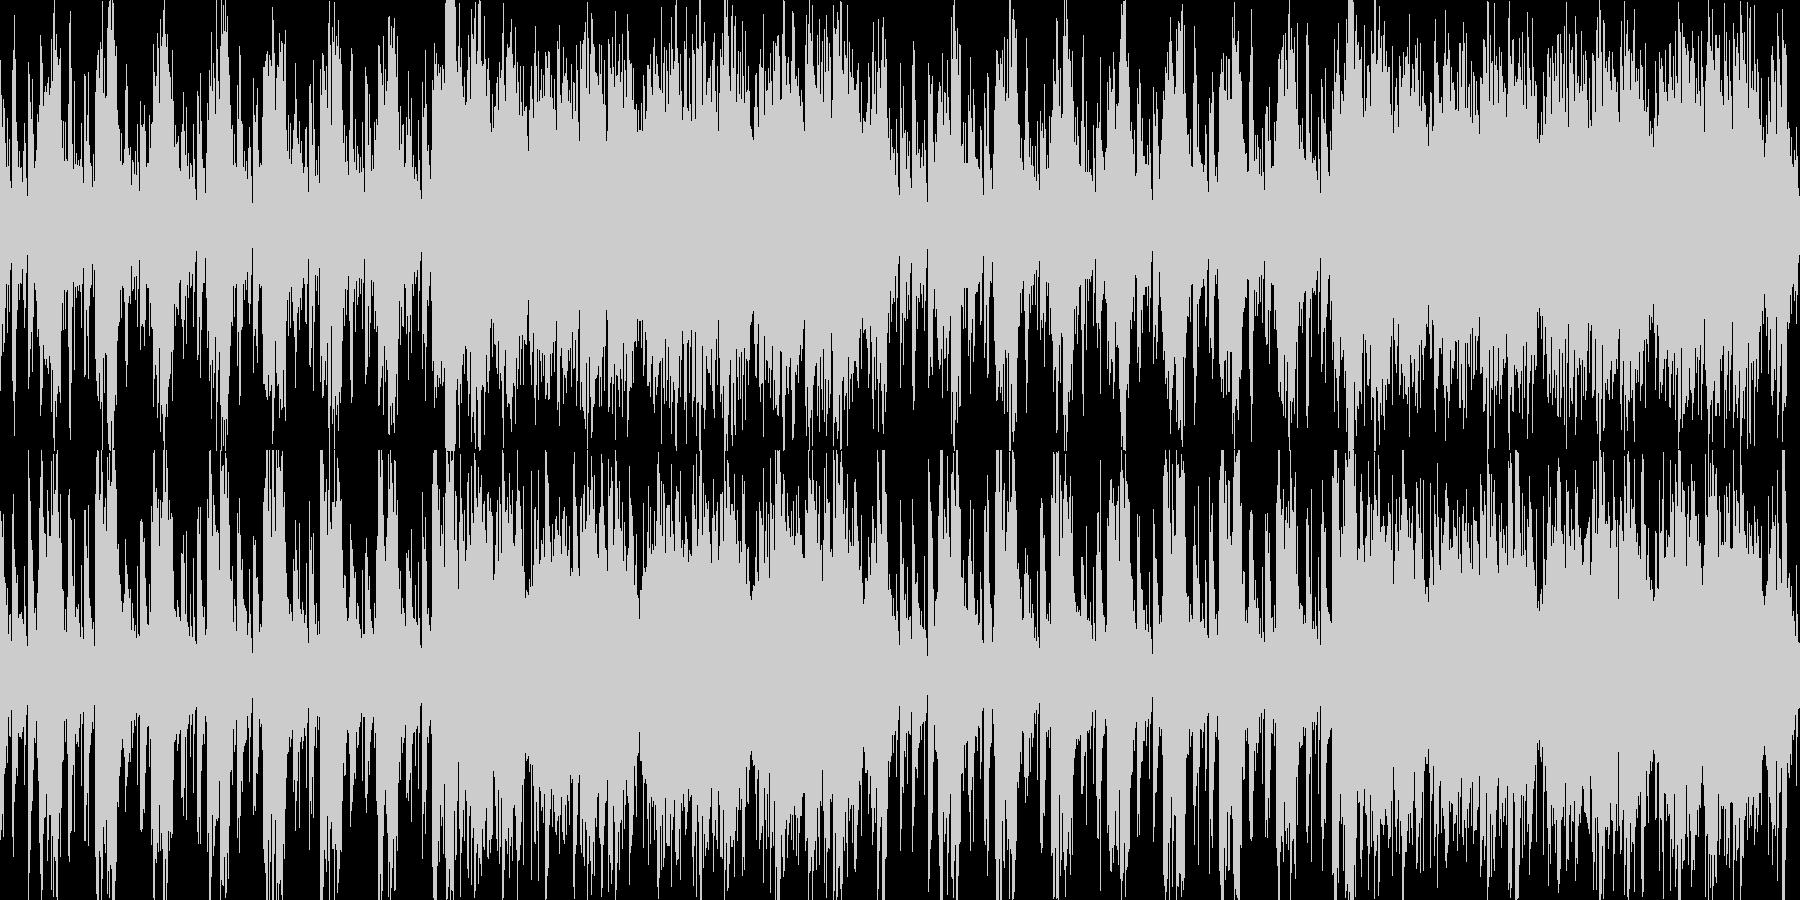 寂しい夜っぽいギターインスト曲<loo…の未再生の波形